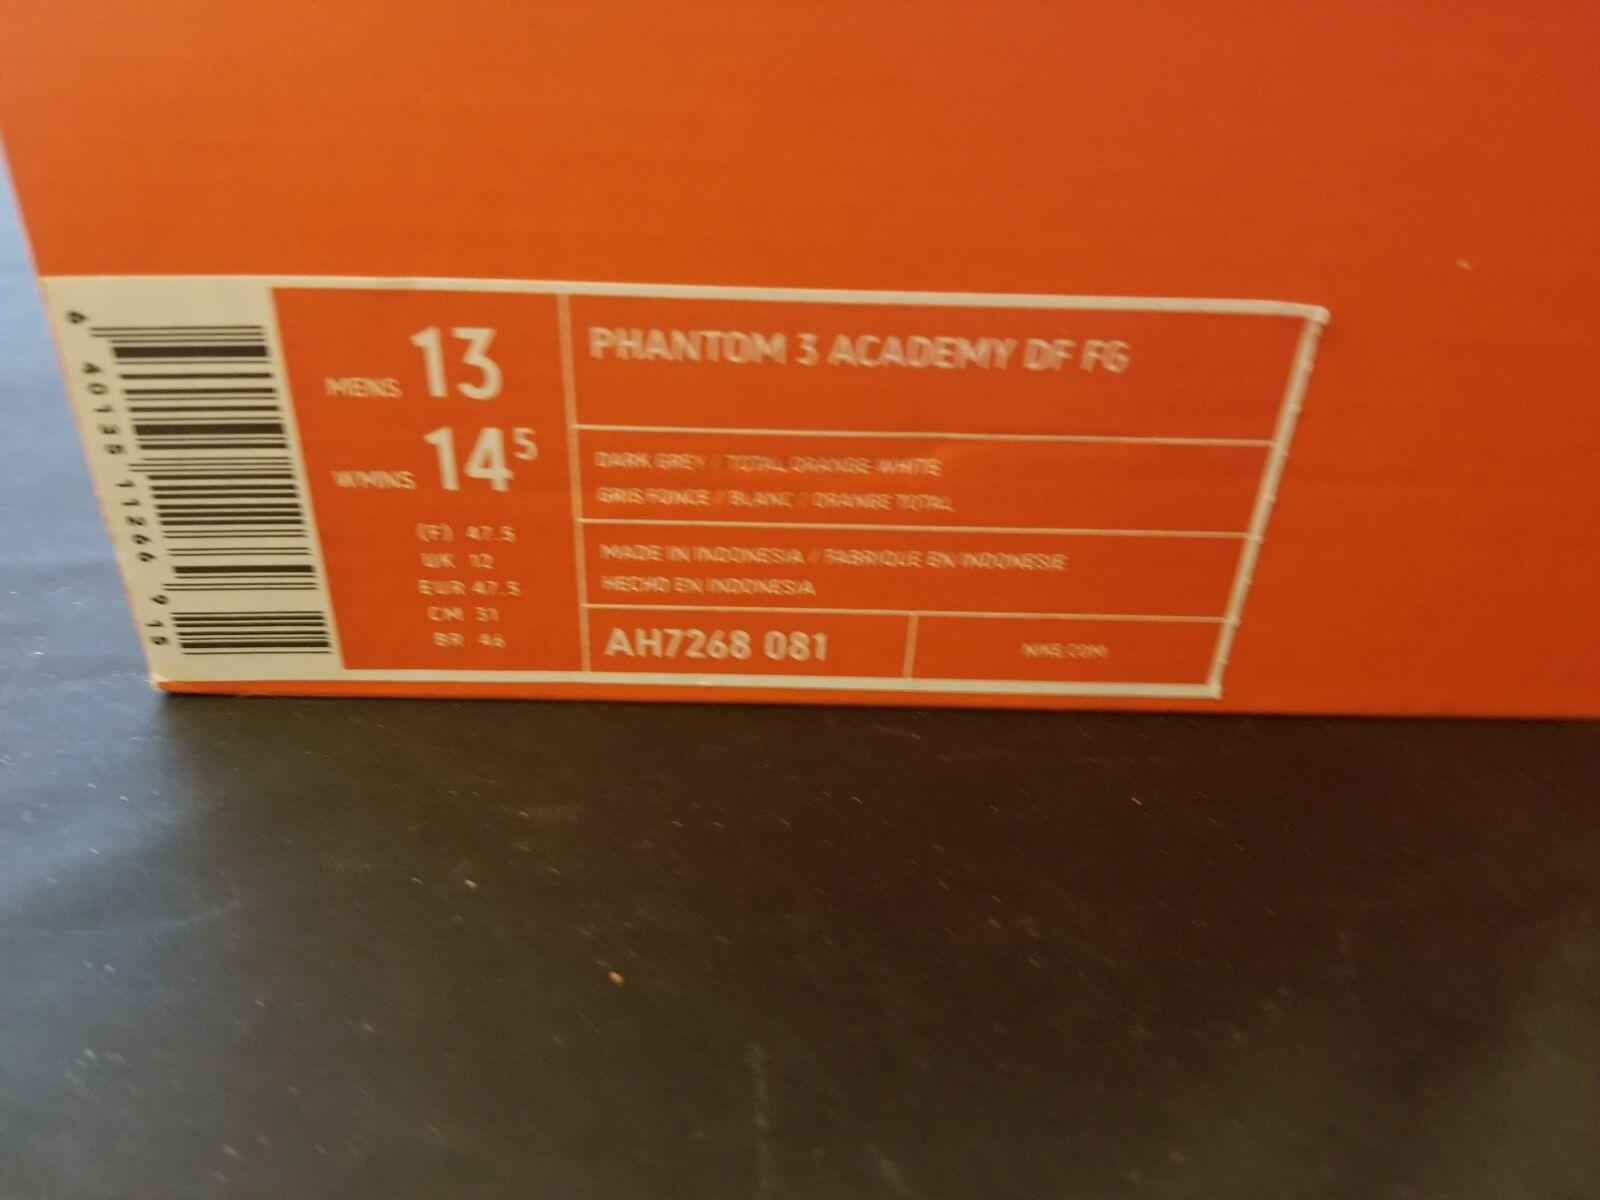 Für nike größe 13 männer phantom 3 3 3 akademie df fg dunkelgrauen & orange mit neuen 172c73